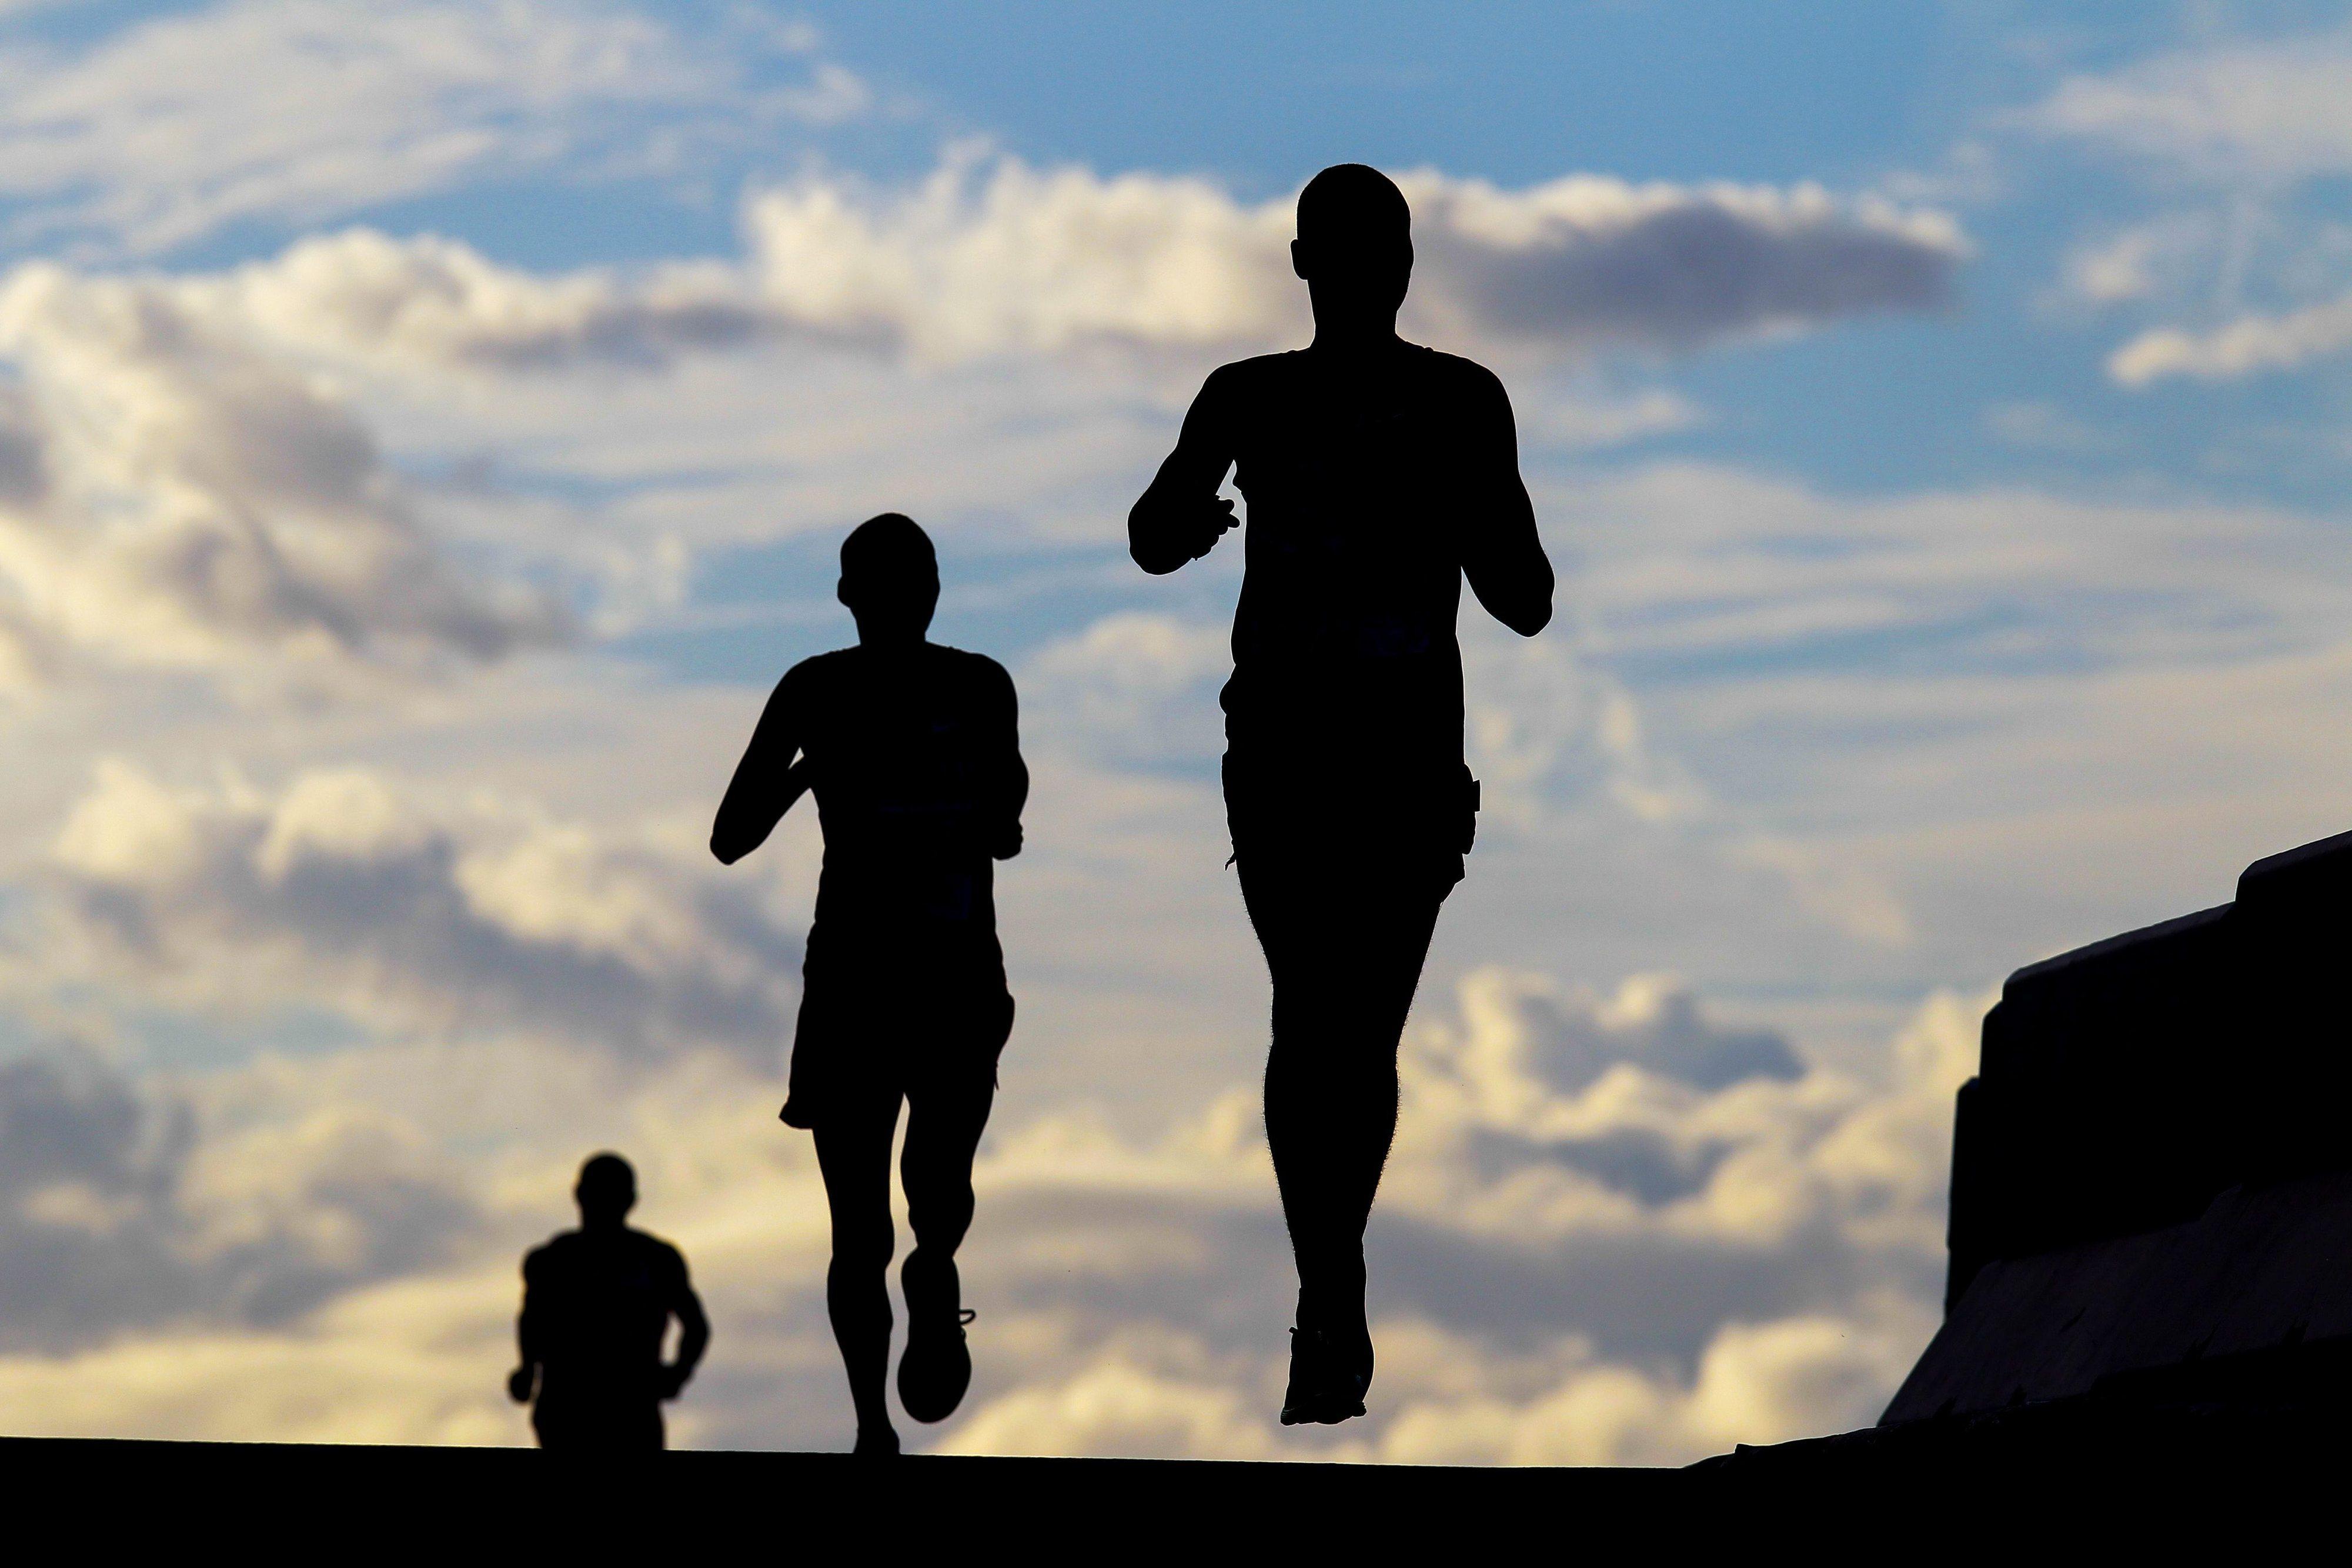 Atletas federados podem candidatar-se ao estatuto de estudante atleta do ensino superior